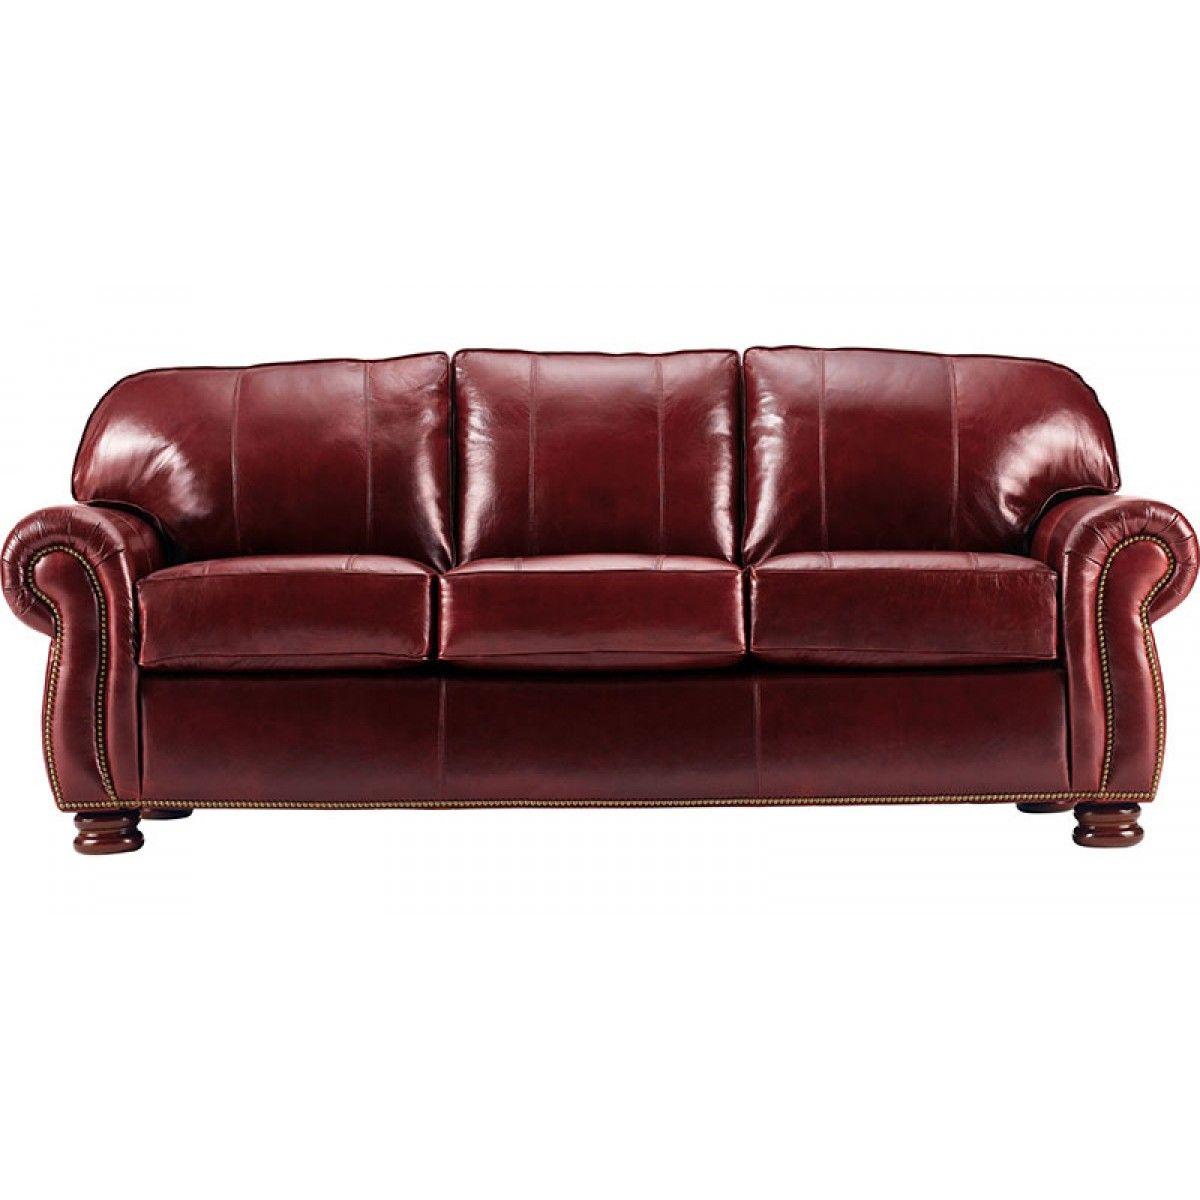 Thomasville Upholstery Leather Benjamin 3 Seat Sofa Thomasville Furniture Sofa Thomasville